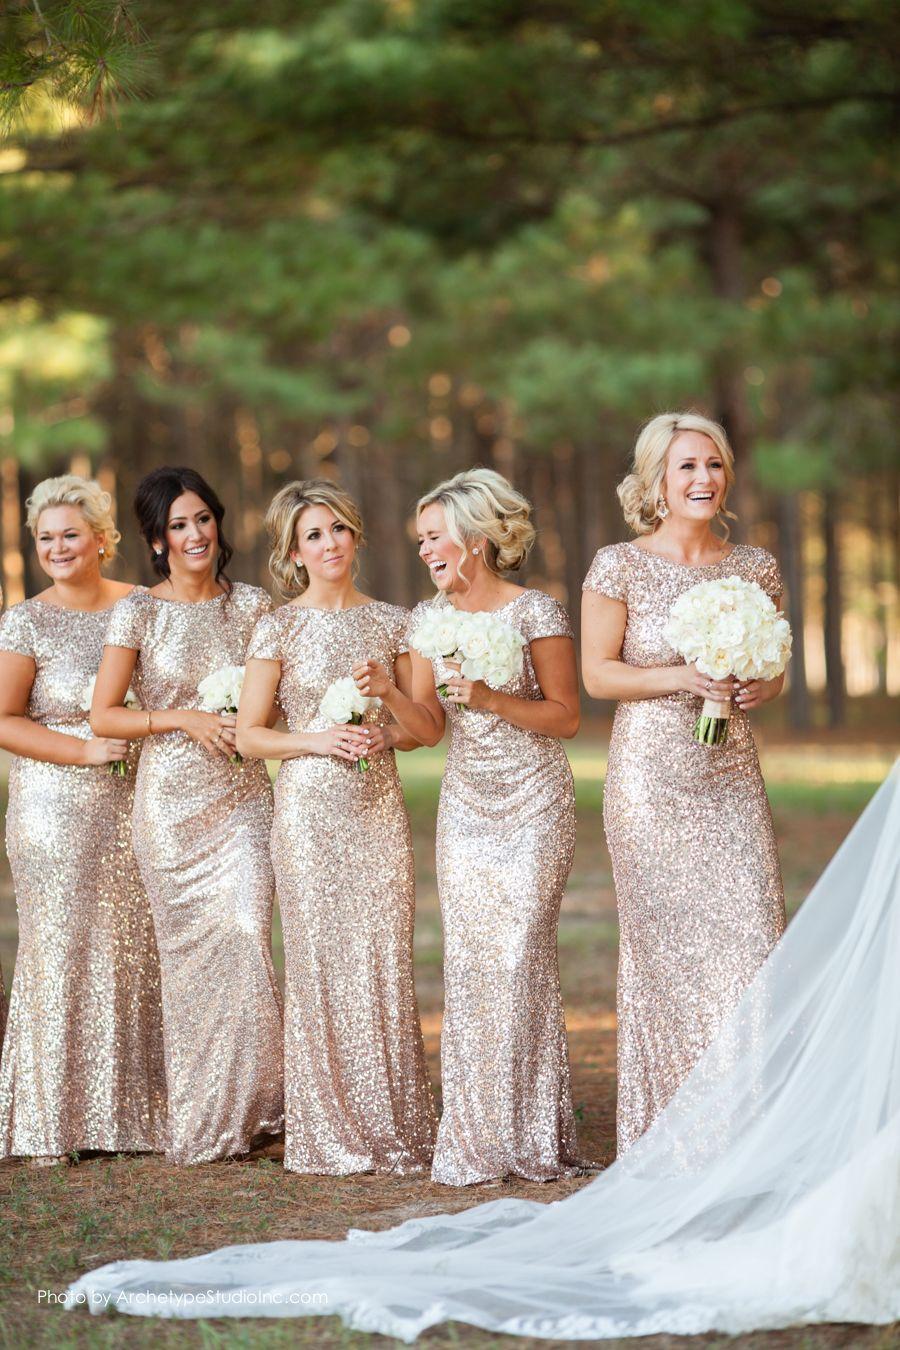 Gold sparkle wedding dress  Sparkly bridesmaid dresses  Not a wedding freak  Pinterest